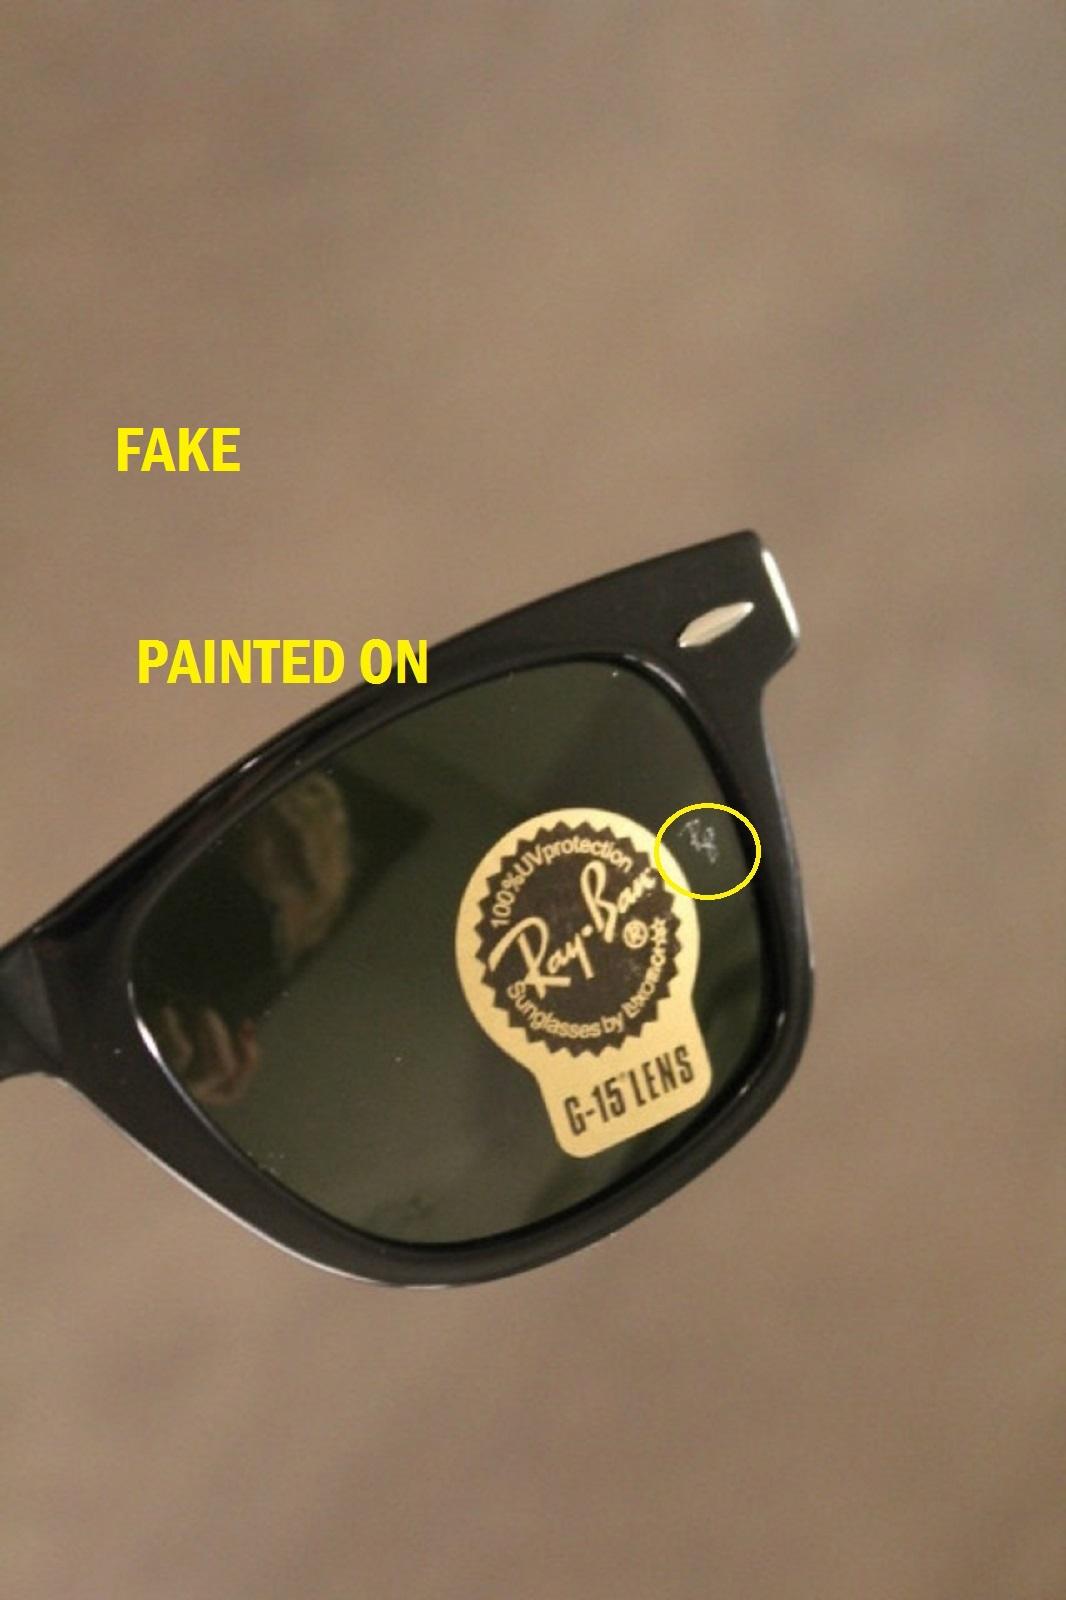 fake ray bans with logo  fake ray ban sunglasses - The eBay Community